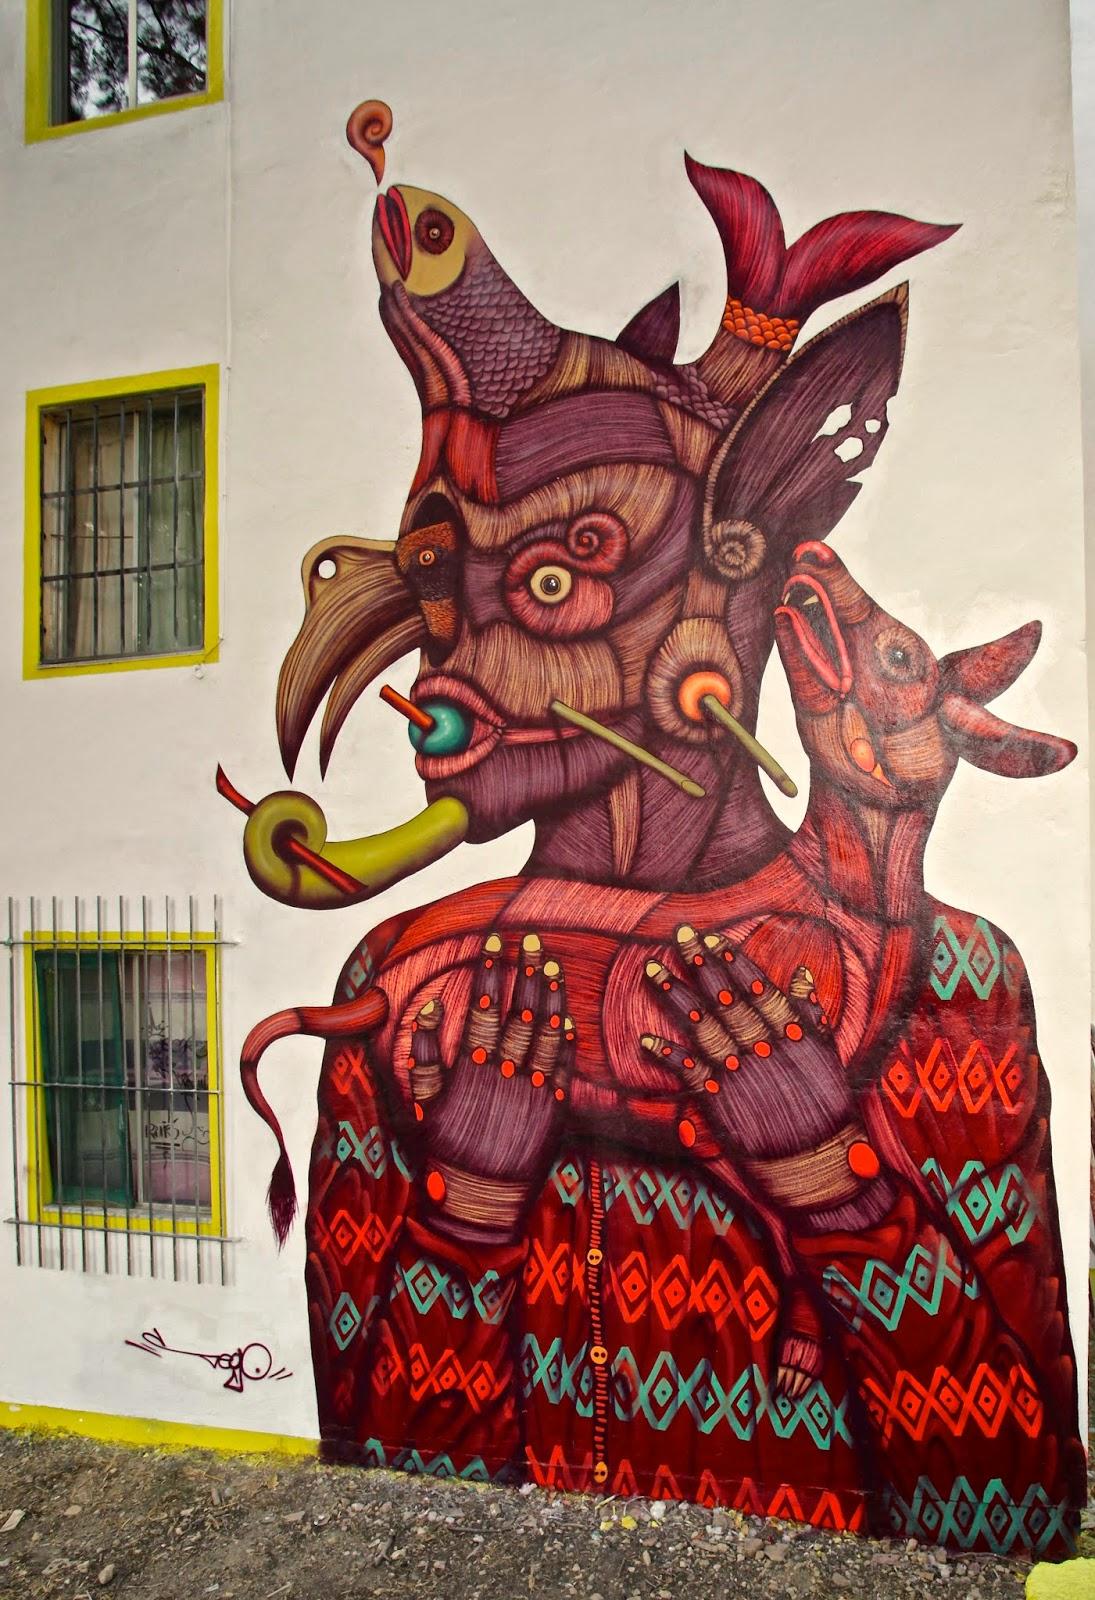 Sego Ovbal - Proteo el protector - Mural con elretrato de la deidad en tonos rojos